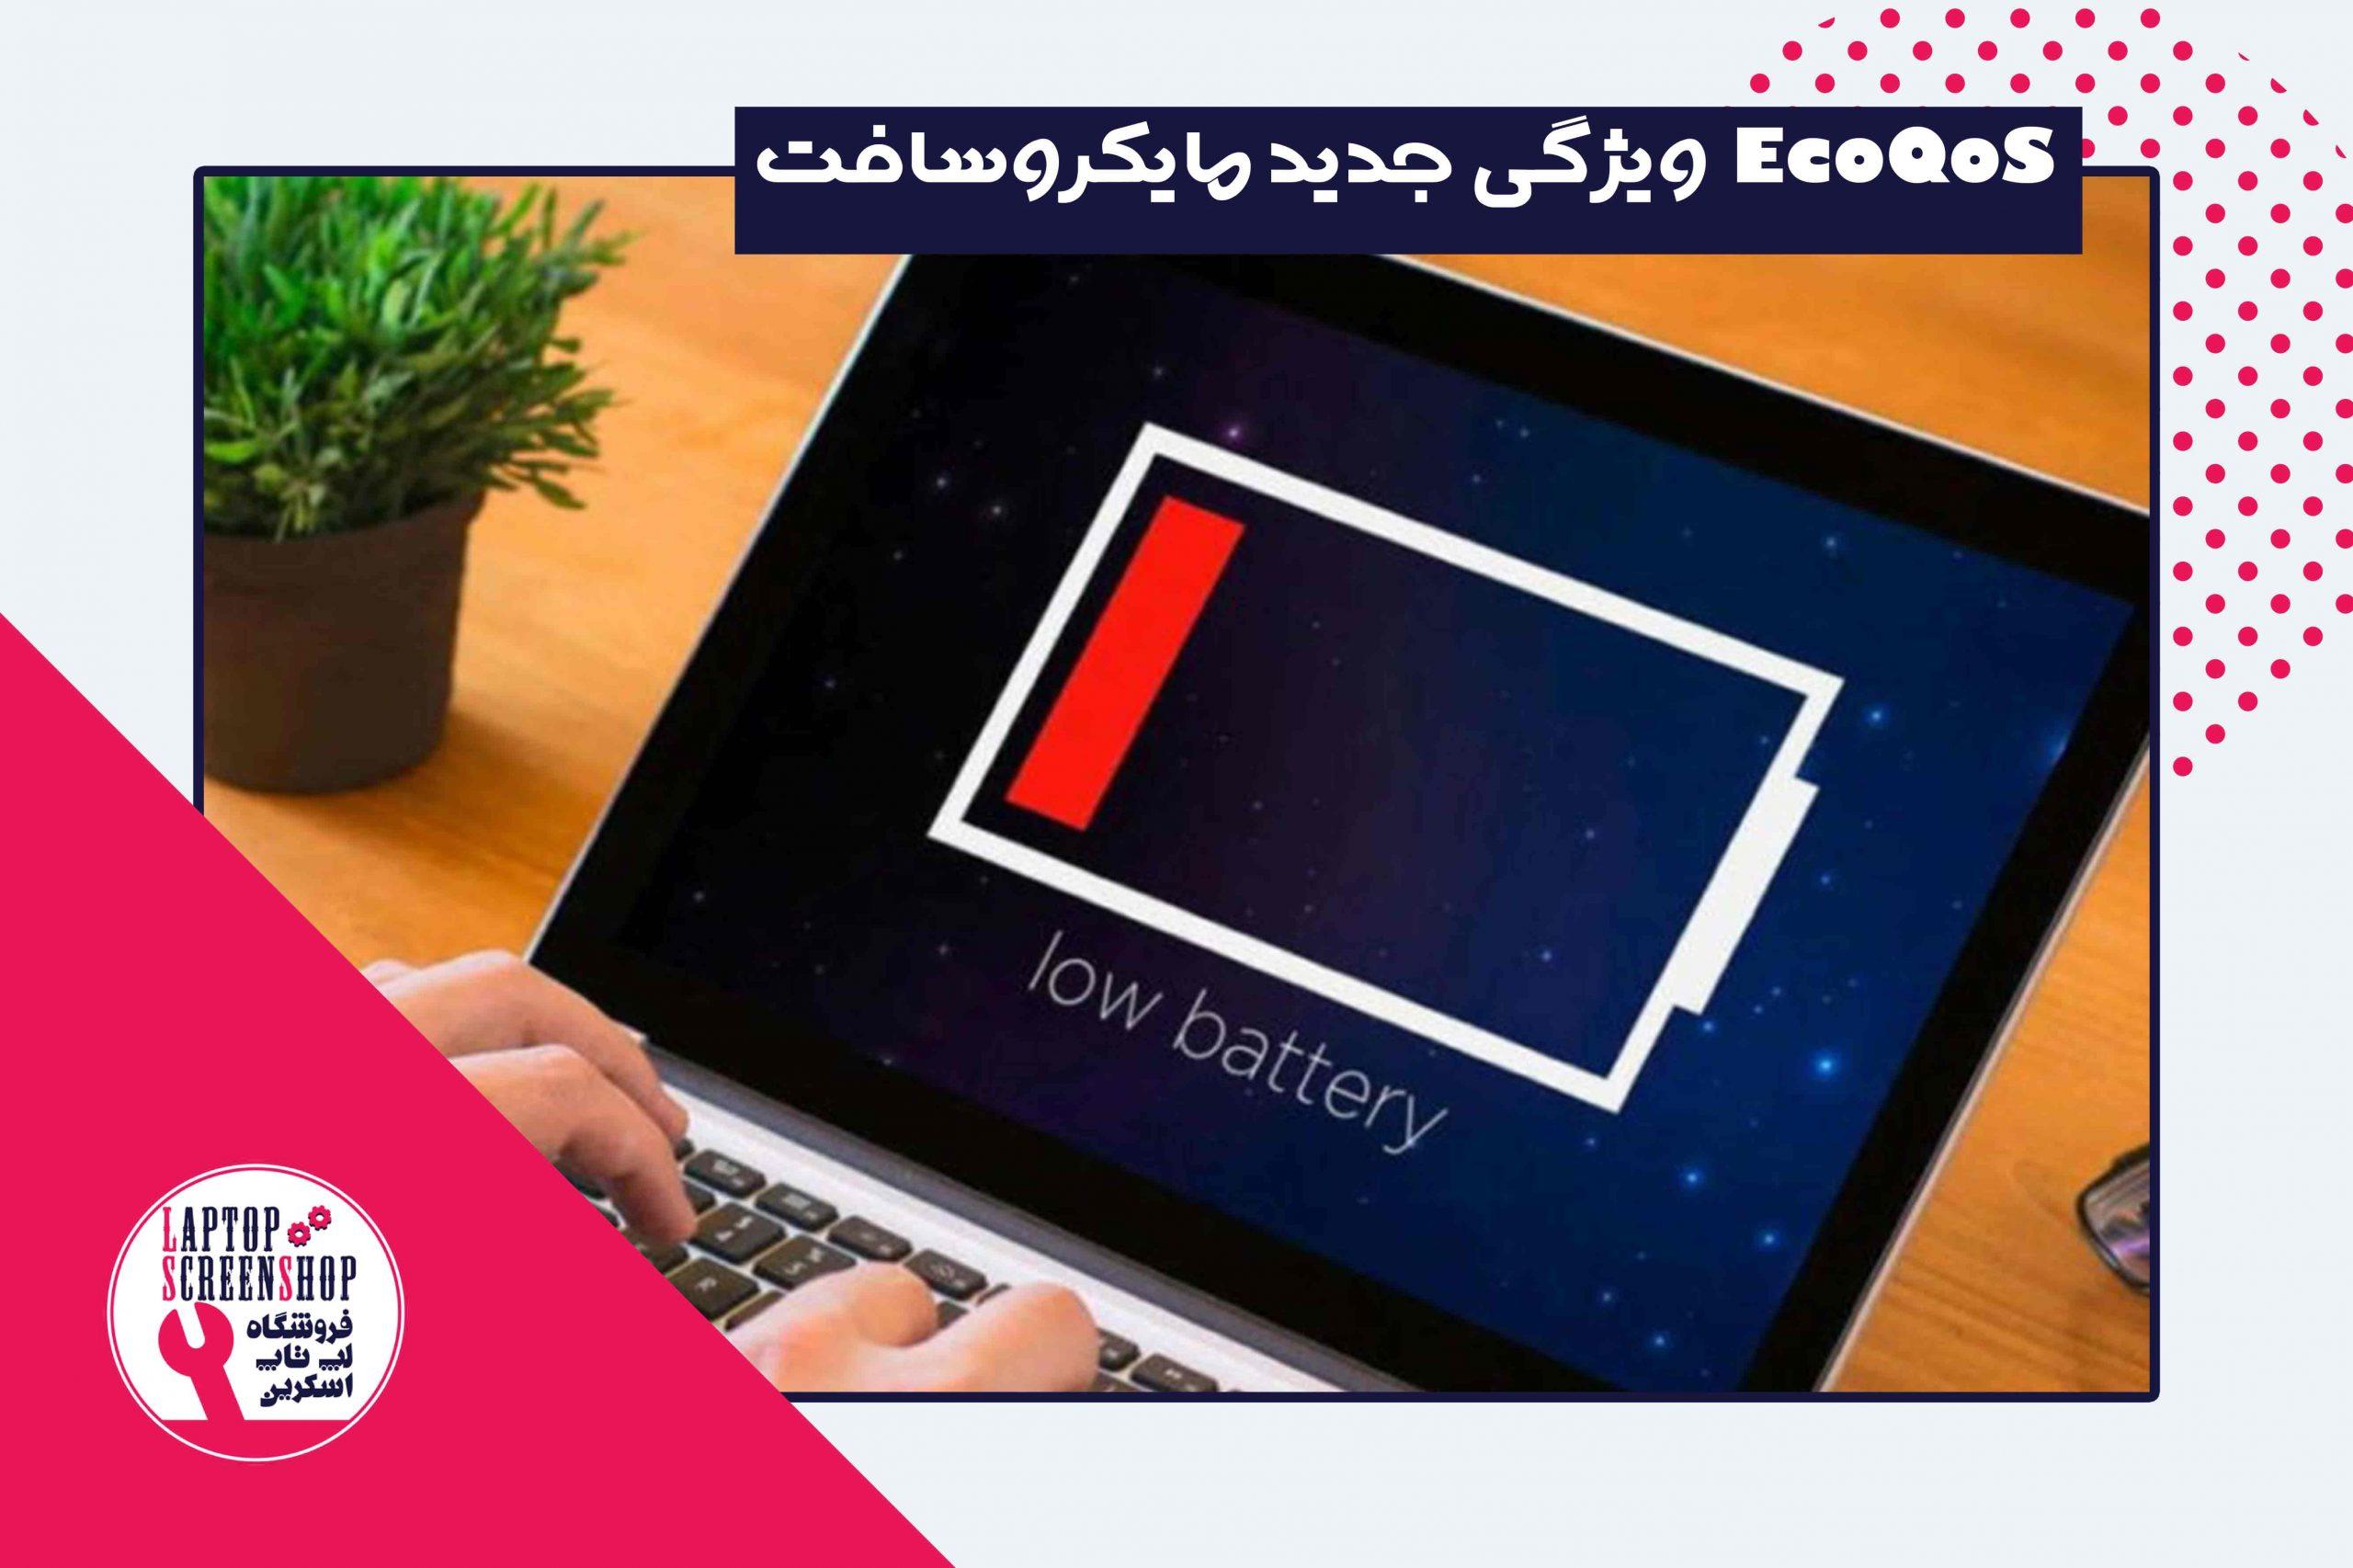 لپ تاپ اسکرین  ال سی دی  خرید اینترنتی ال سی دی لپ تاپ